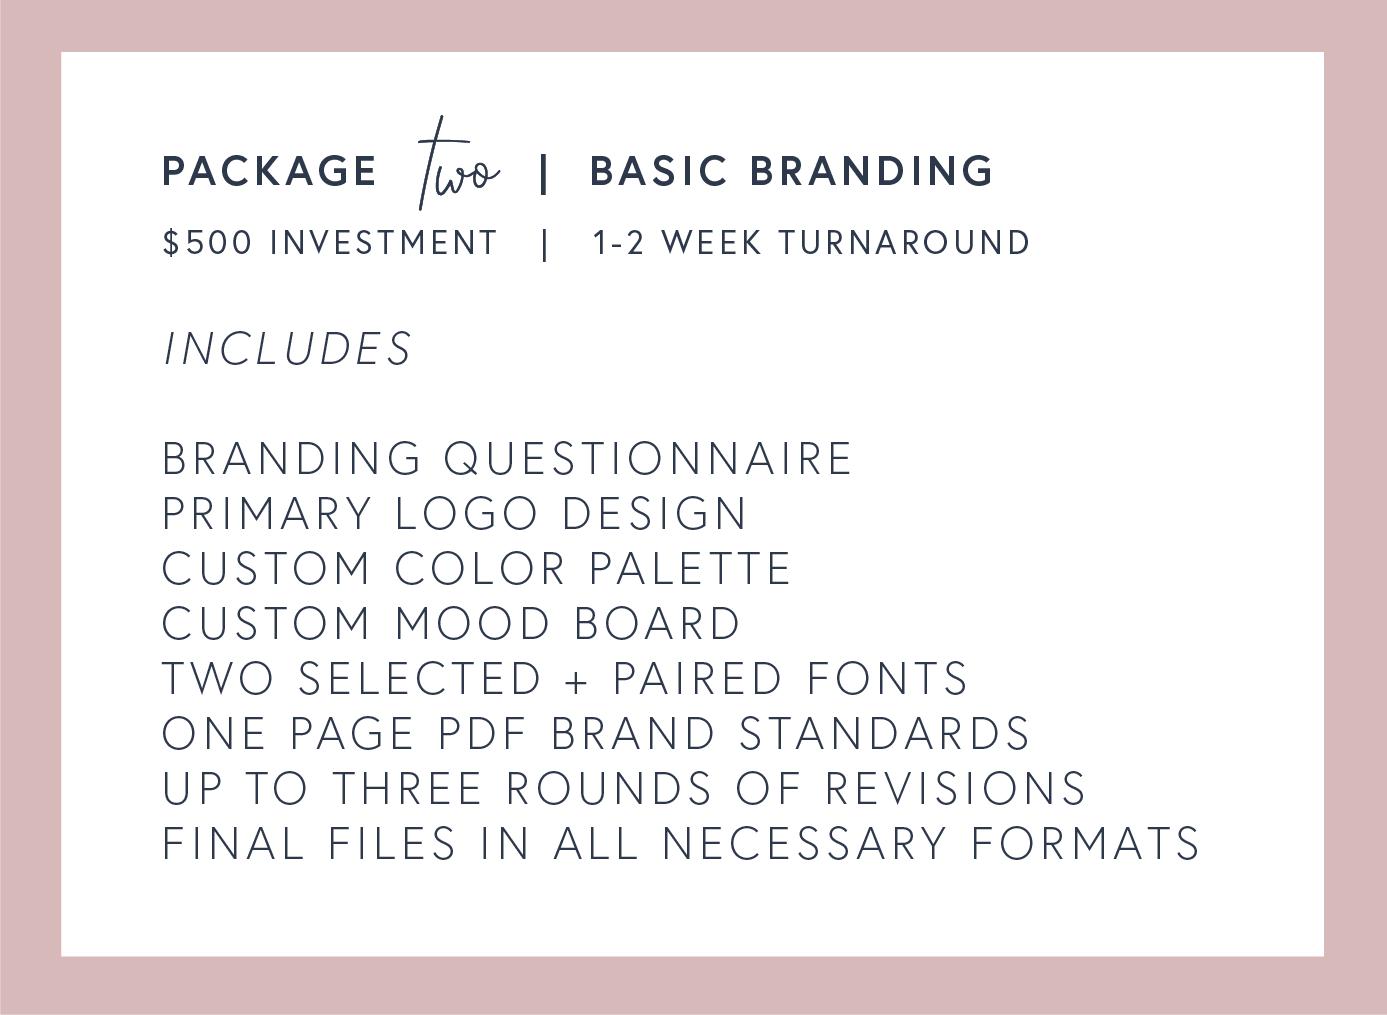 oed-pricing-package-one.jpg